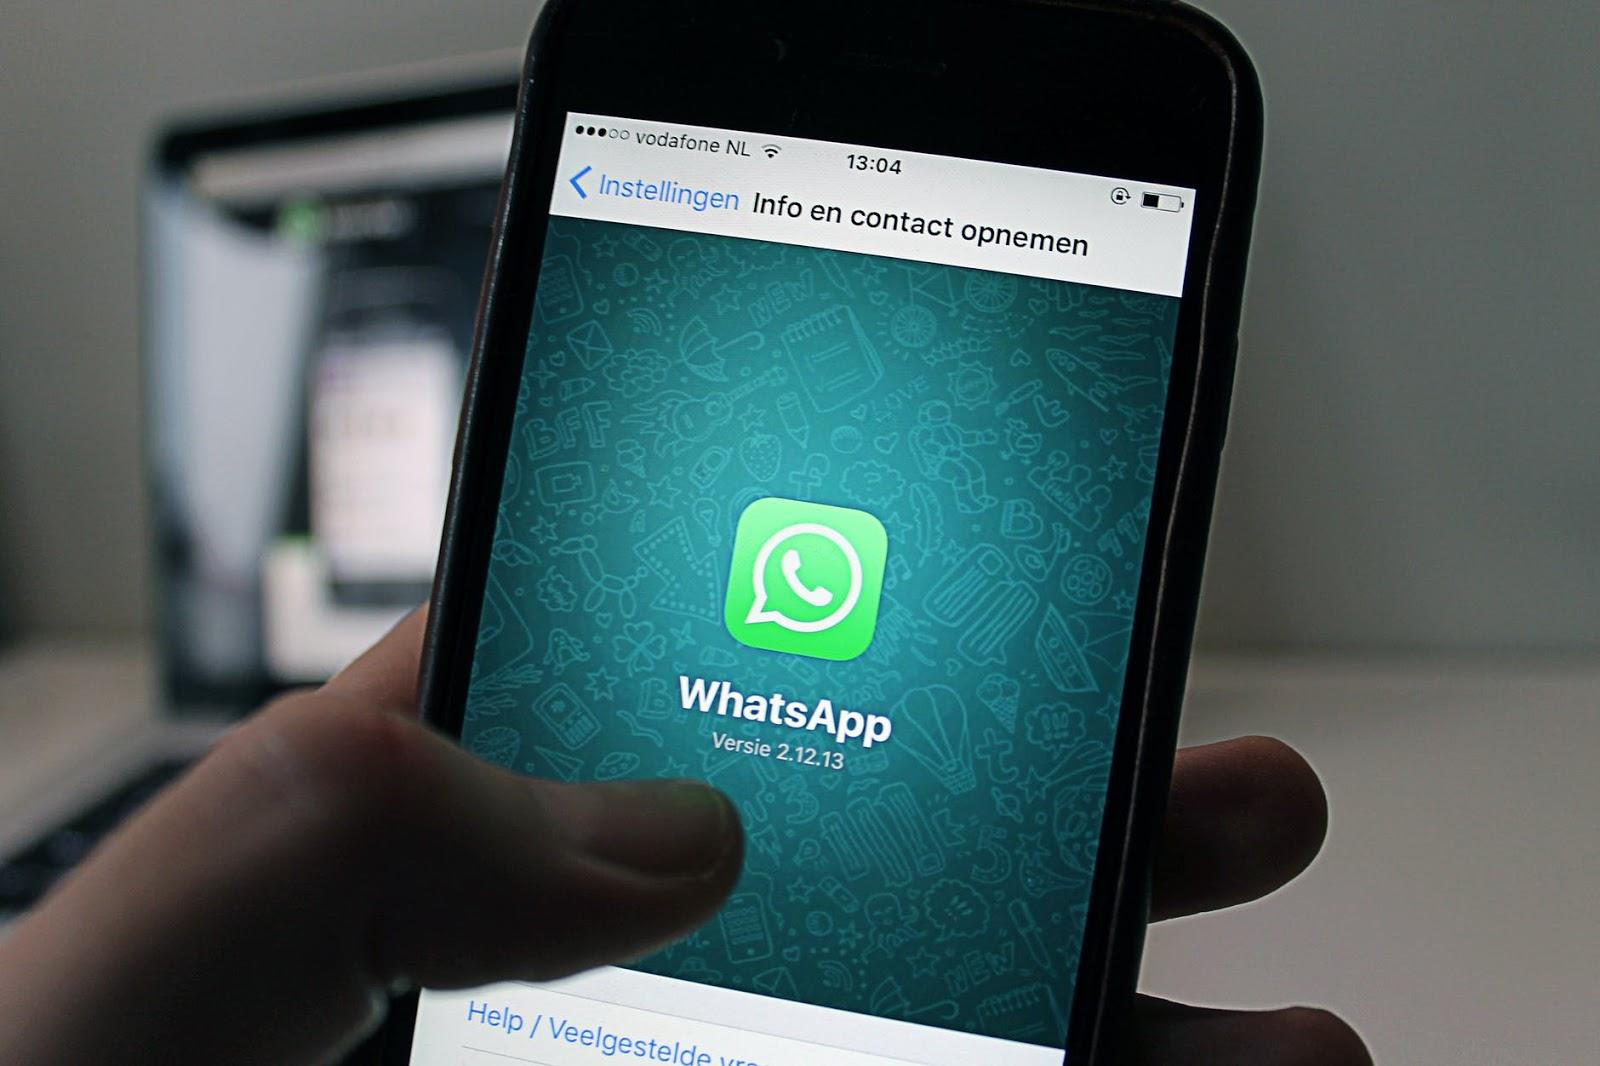 أعلن WhatsApp من خلال بيان رسمي أنه سينشر ميزة جديدة لتسهيل جميع مستخدمي التطبيق